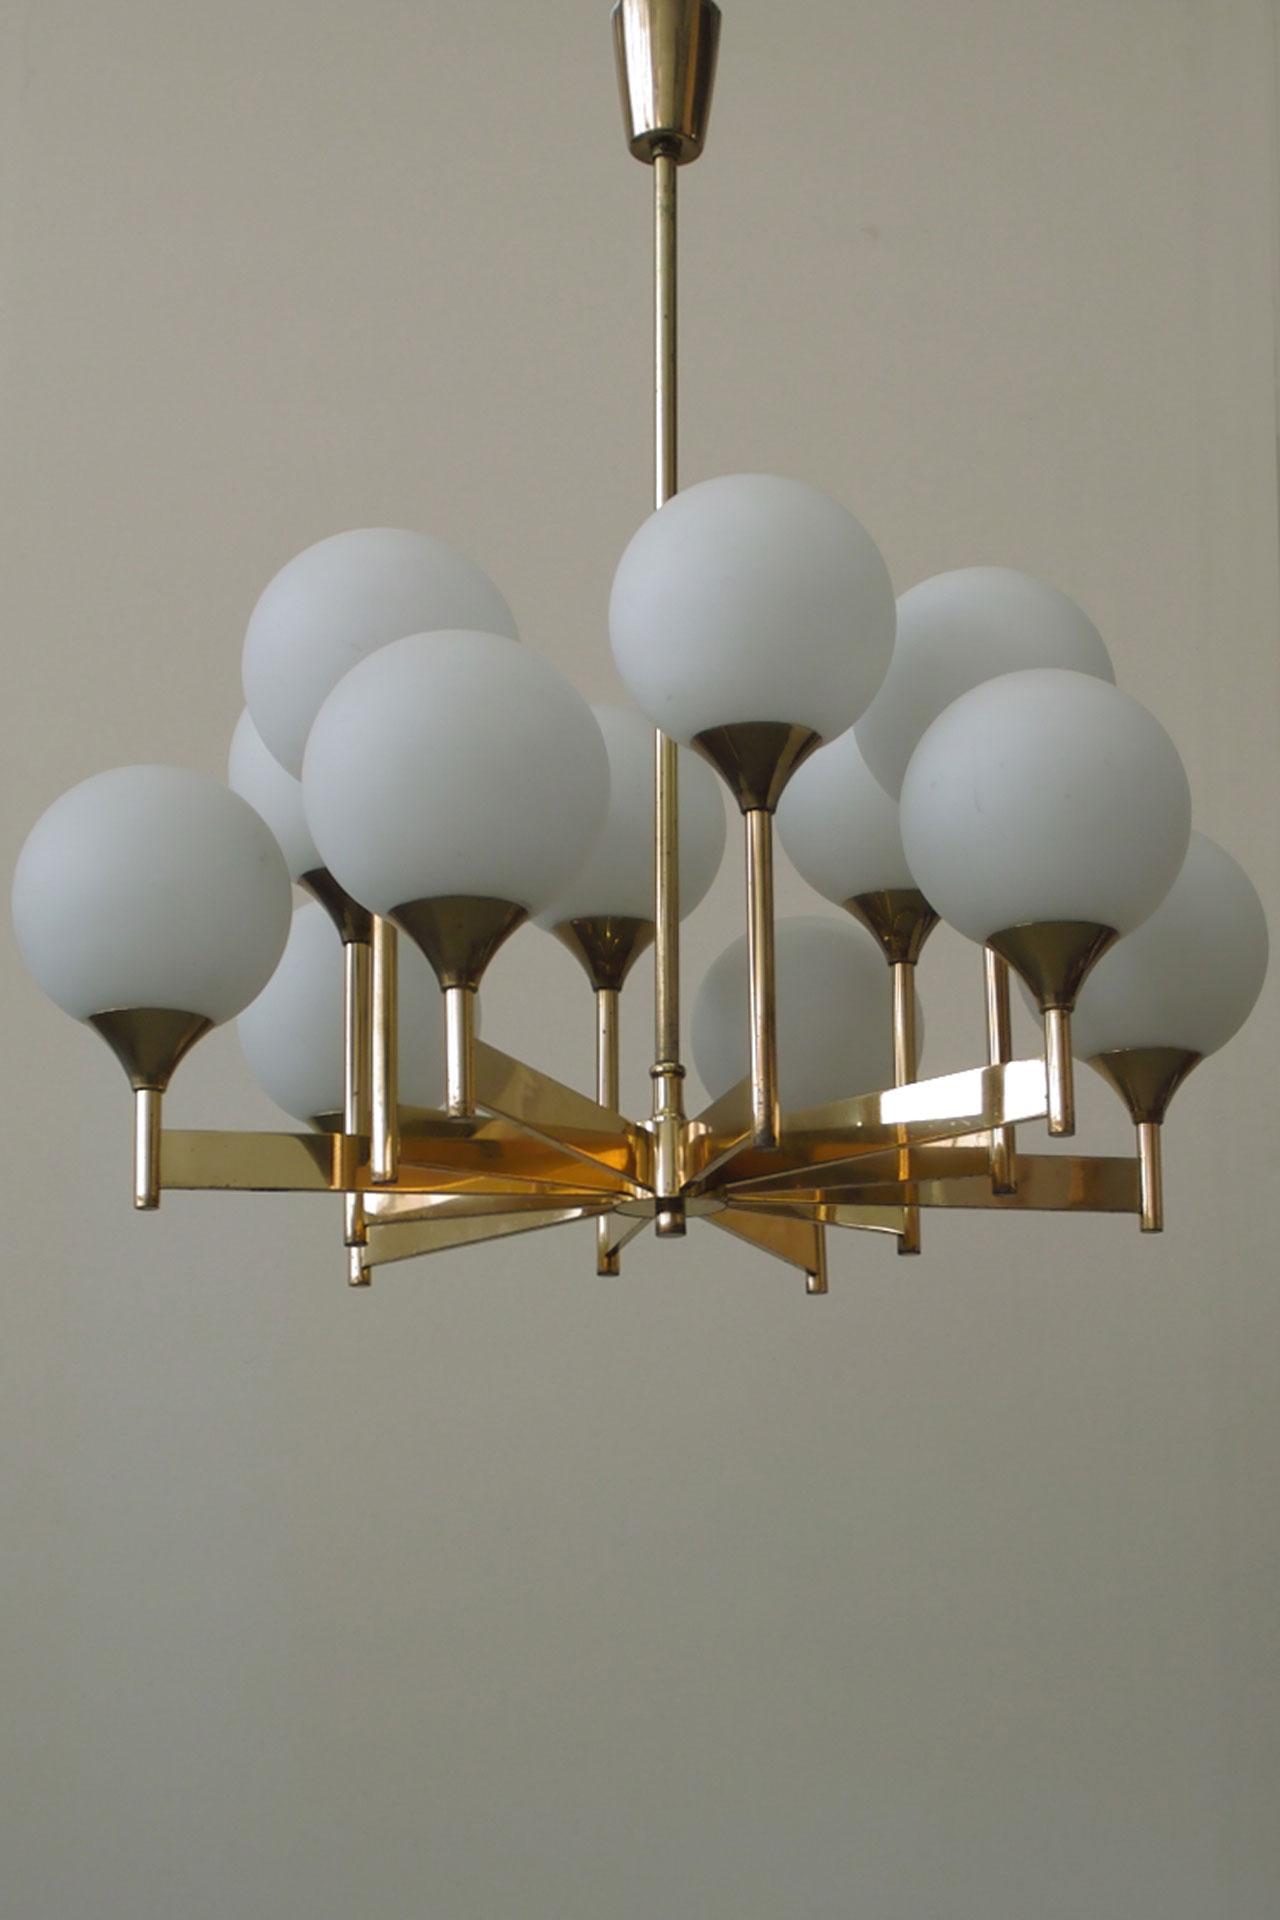 Lampedo a twelve light scandinavian brass and glass chandelier a twelve light scandinavian brass and glass chandelier arubaitofo Images